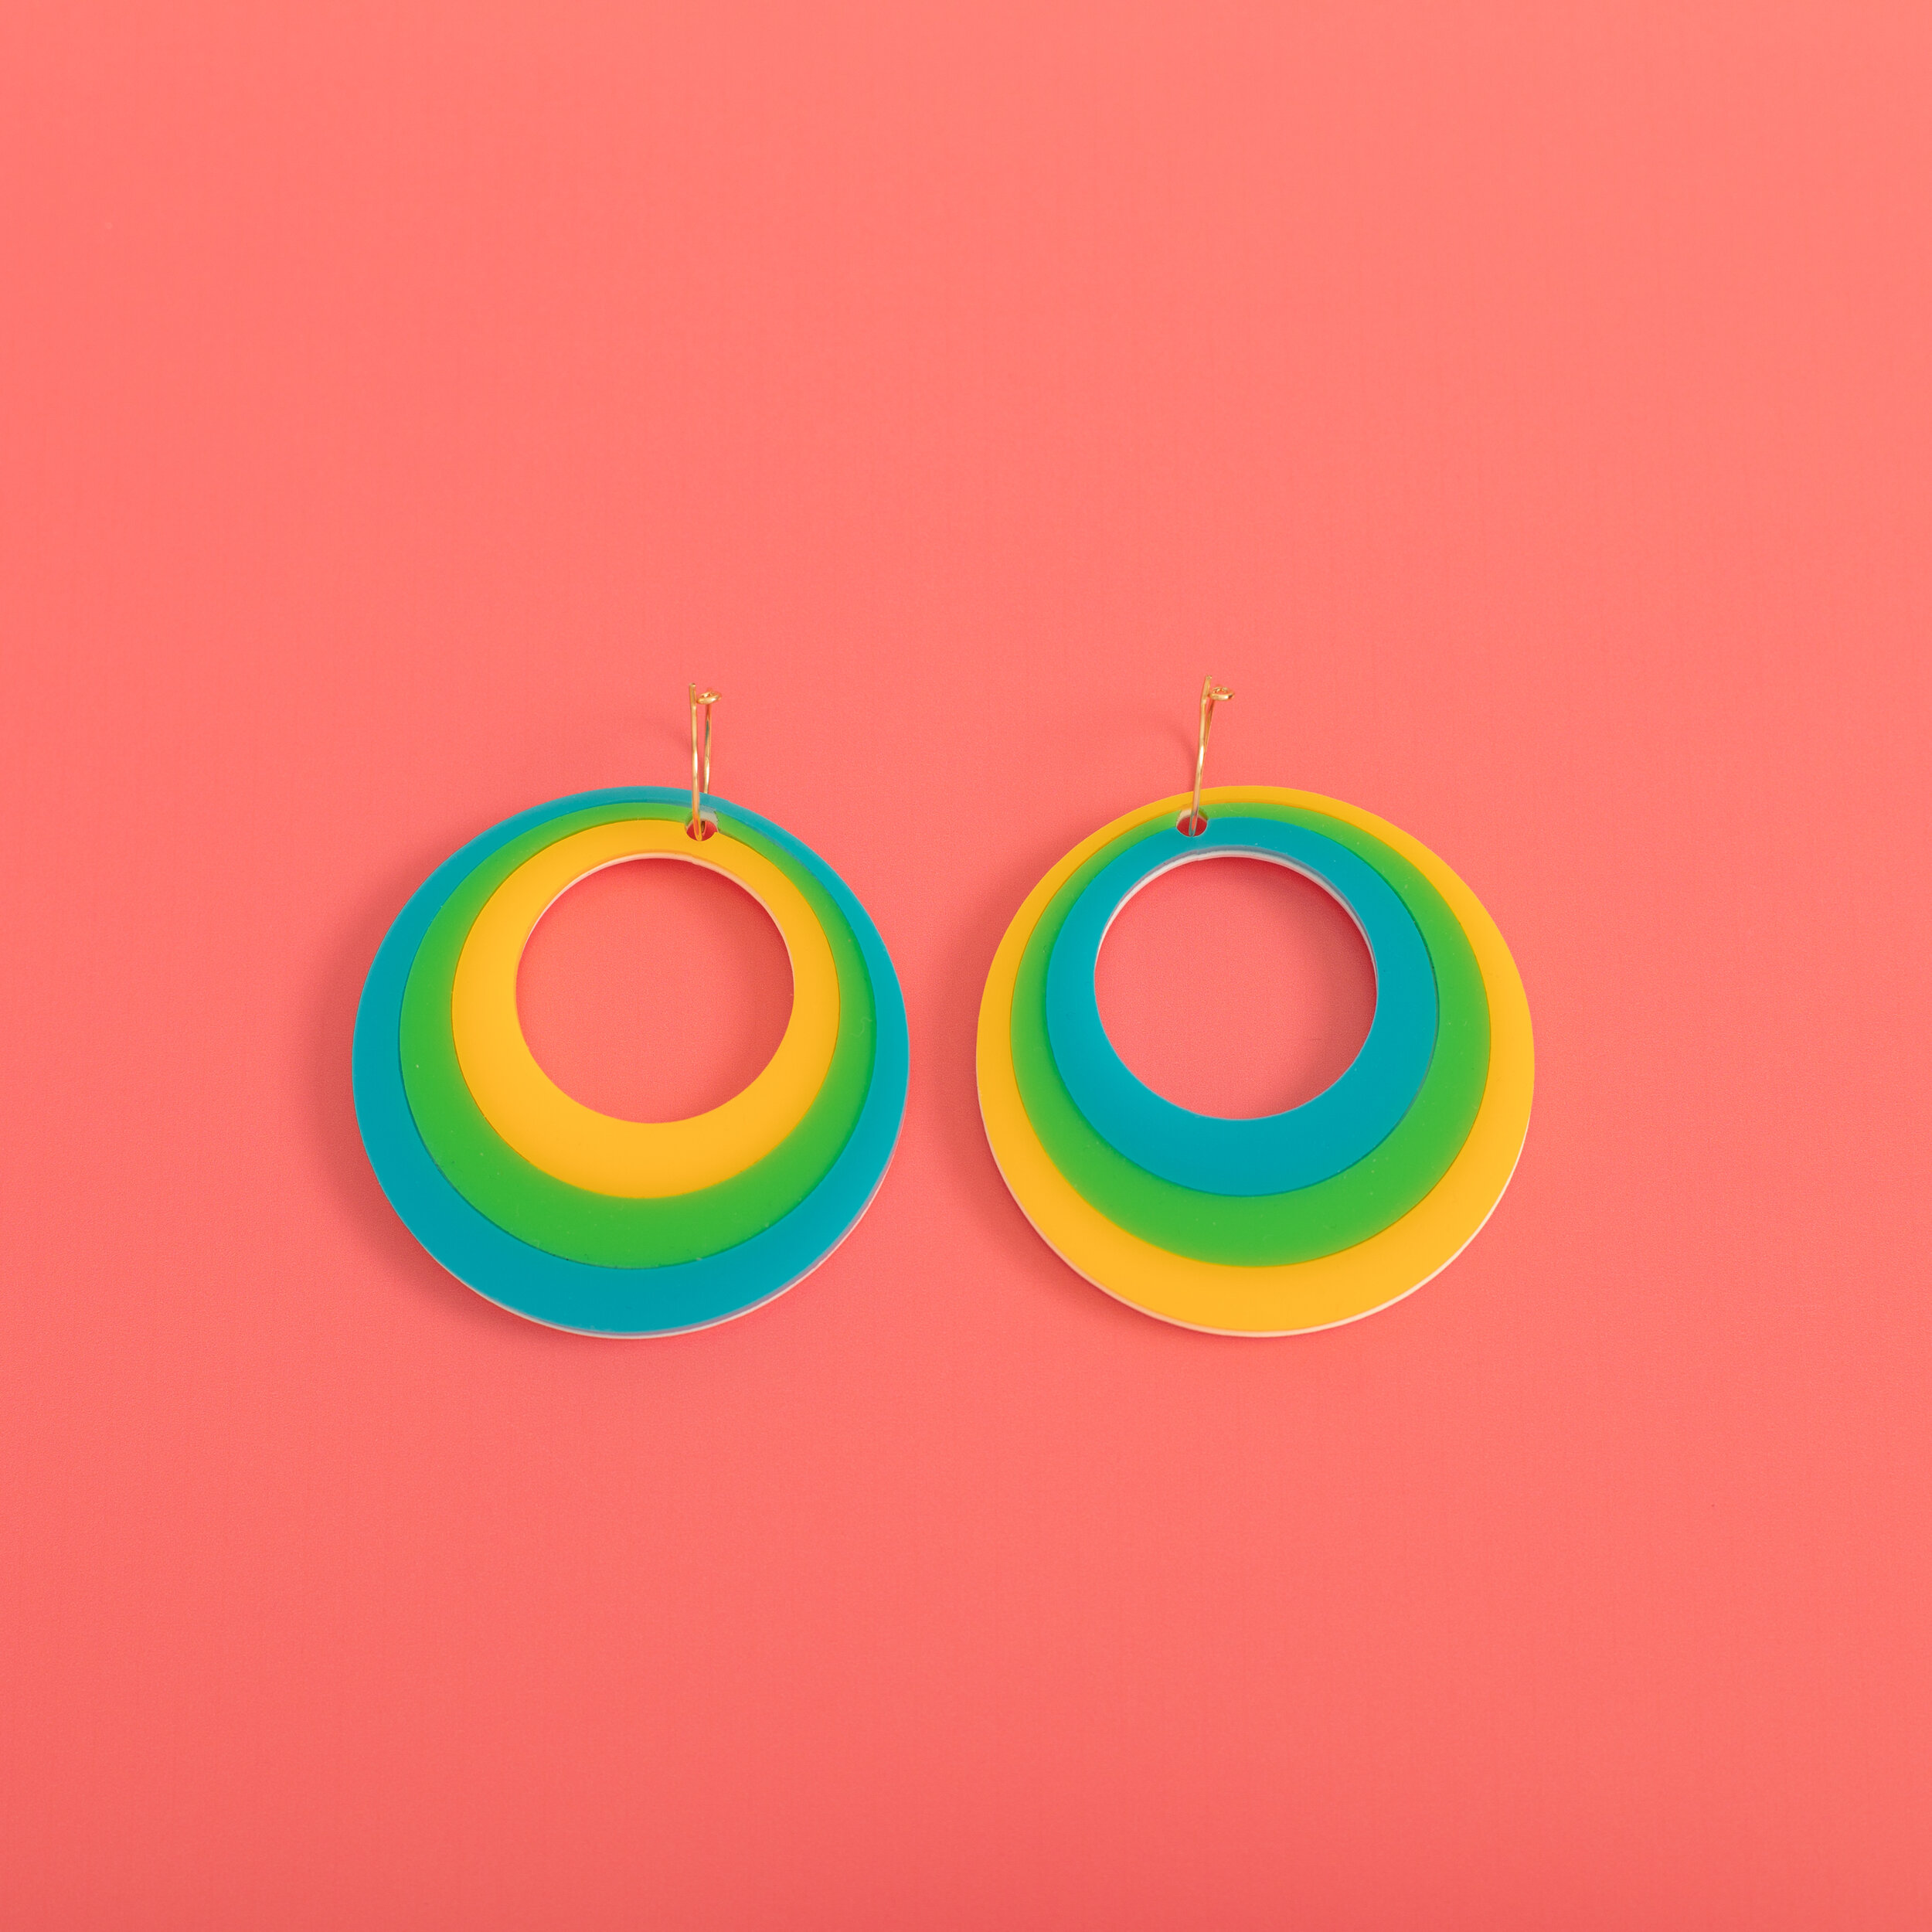 MindFlowers_Mod_Yellow_Green_Teal_Hoop_Earrings.jpg